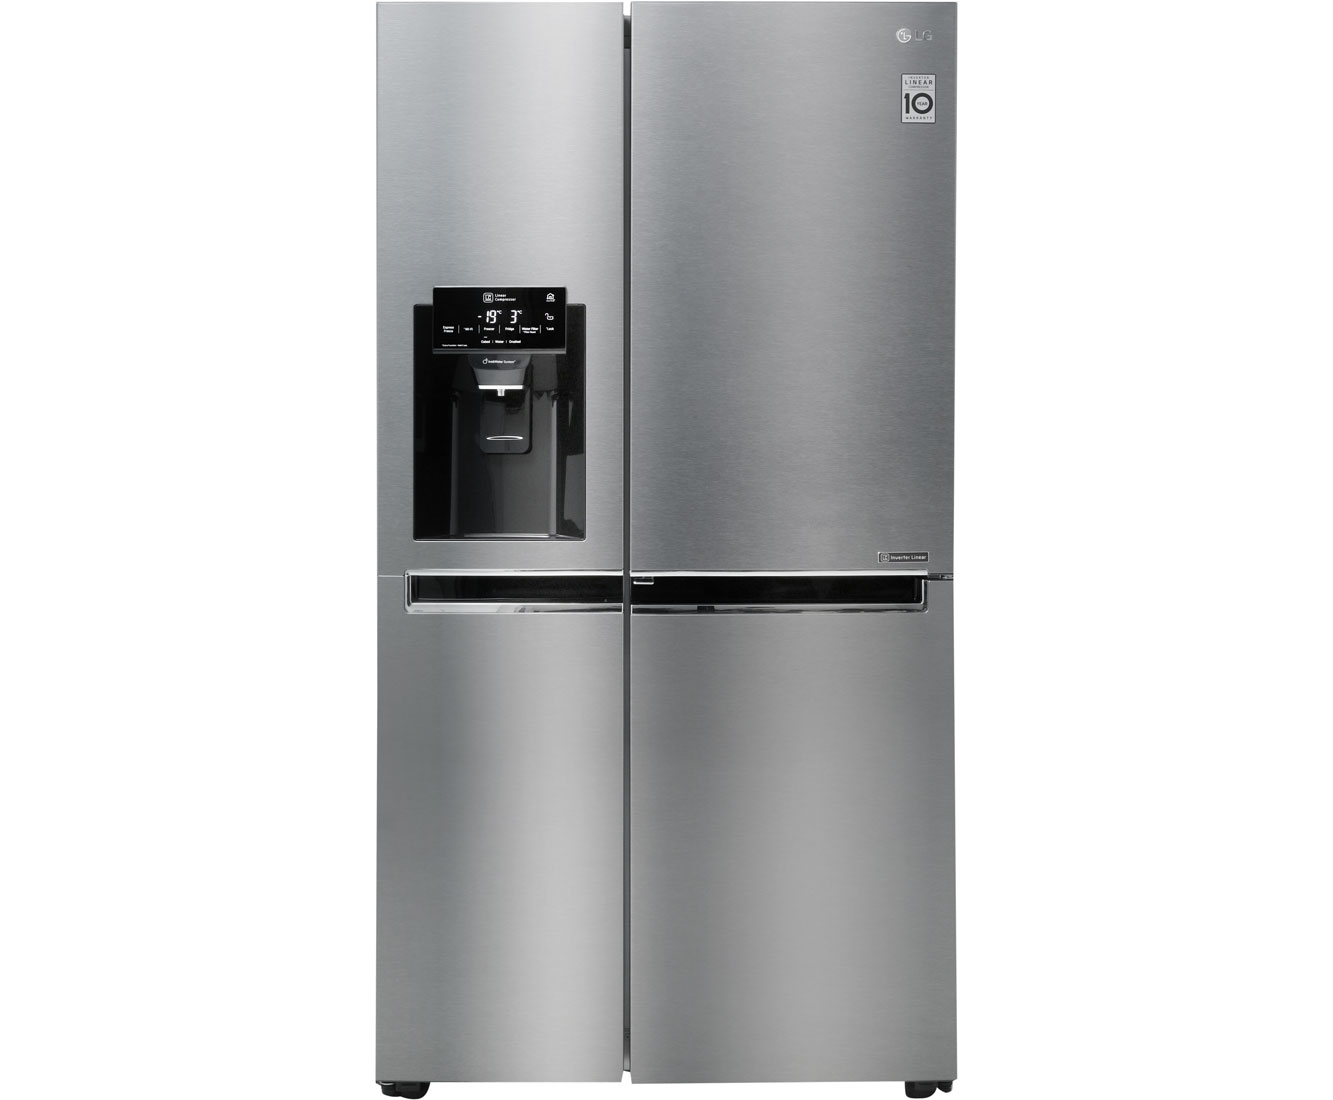 Side By Side Kühlschrank Transportieren : Side by side kühlschrank liegend transportieren: samsung side by